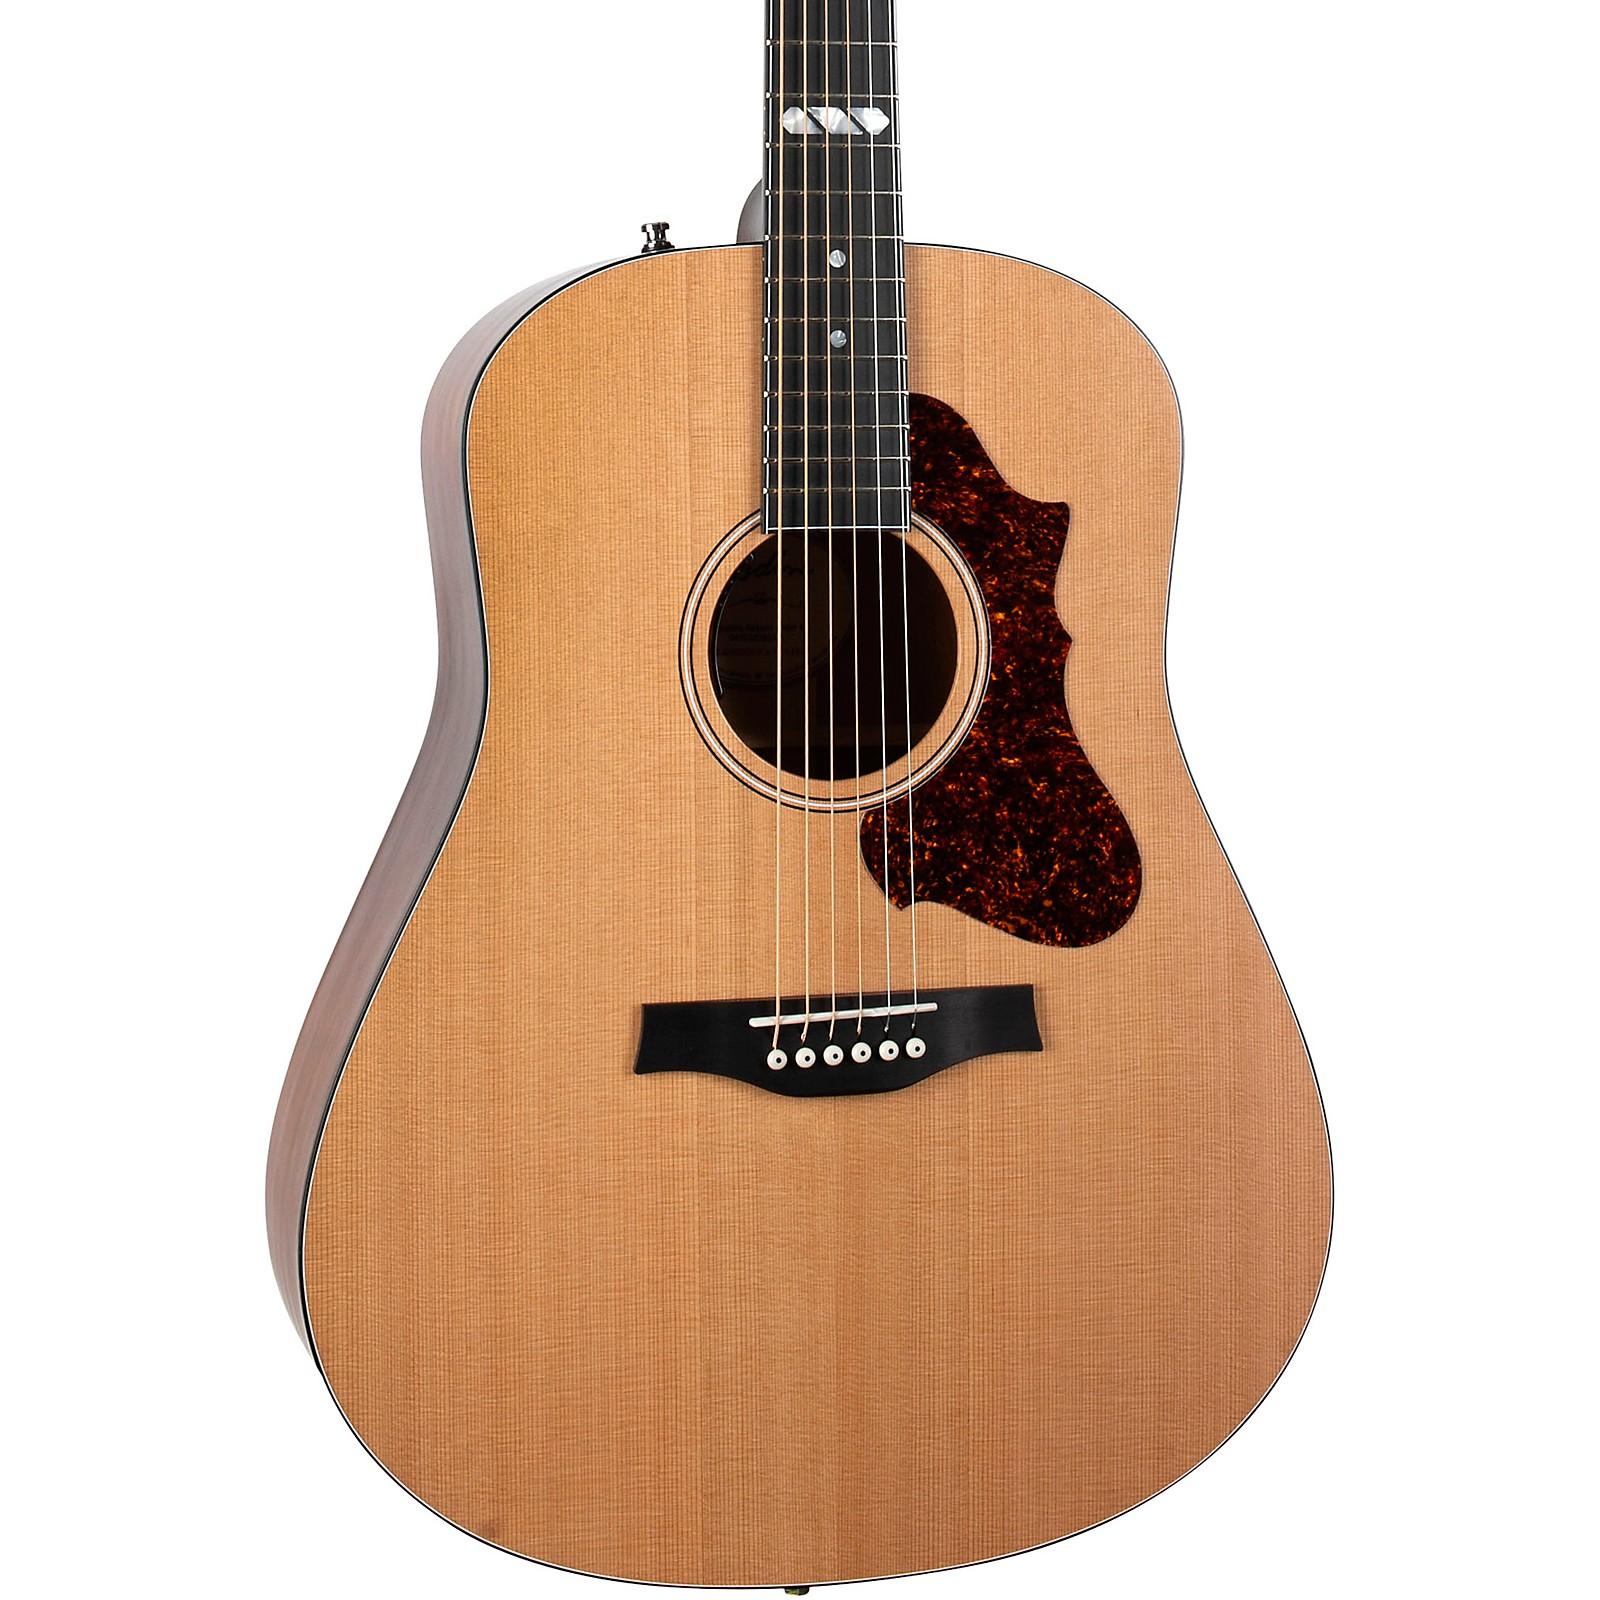 Godin Metropolis LTD Natural Cedar HG EQ Acoustic-Electric Guitar